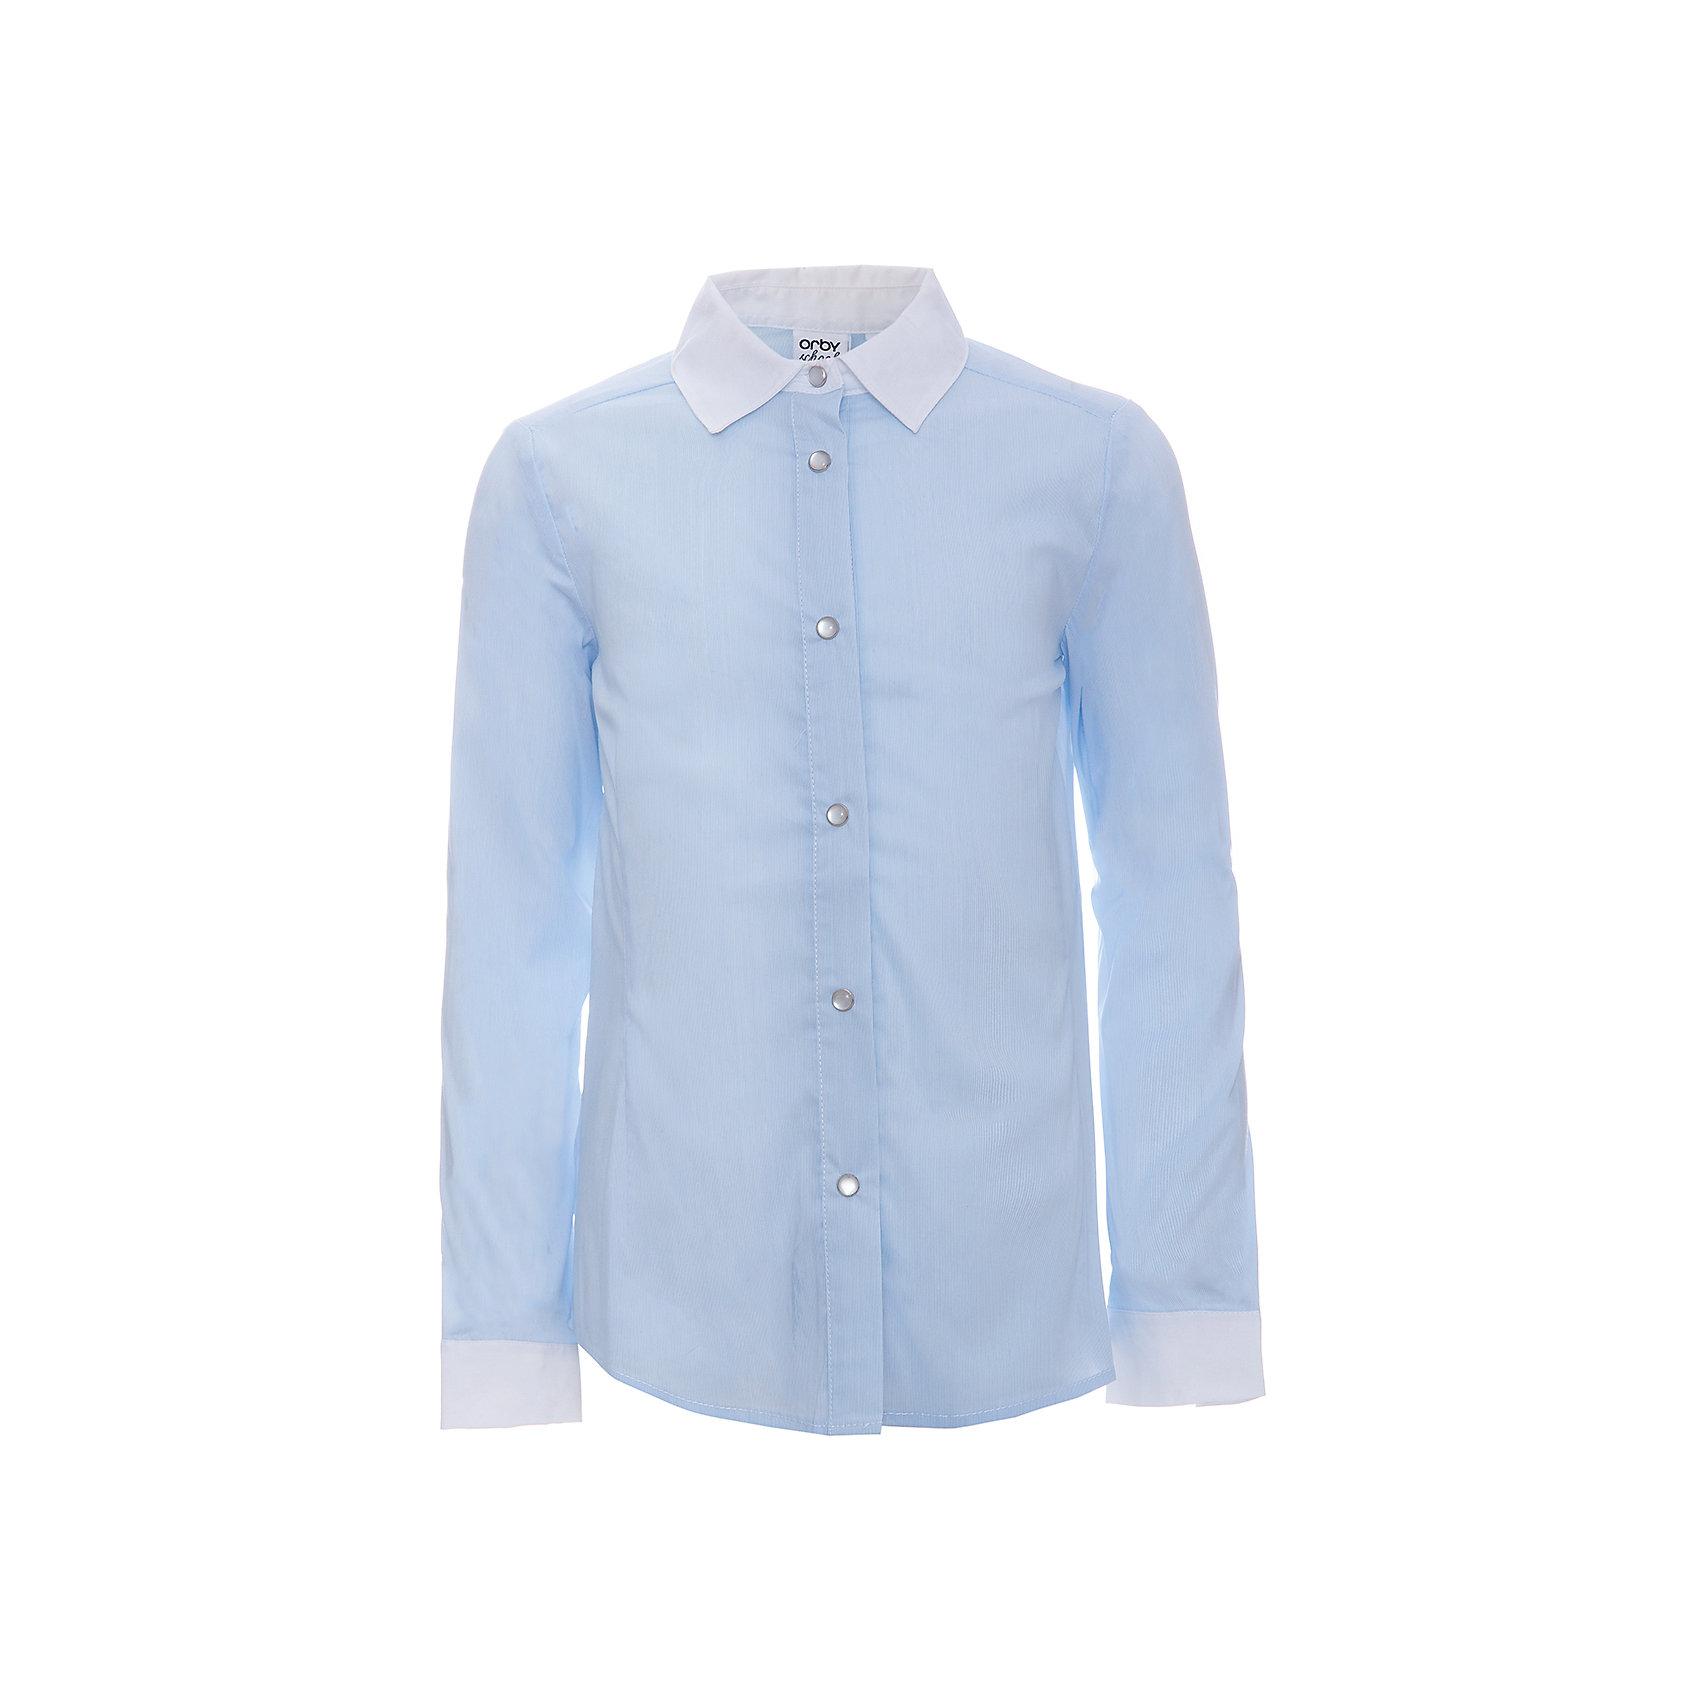 Блузка для девочки OrbyБлузки и рубашки<br>Характеристики товара:<br><br>• цвет: голубой<br>• состав ткани: 65% вискоза, 32% акрил, 3% эластан<br>• особенности: школьная<br>• длинные рукава<br>• застежка: кнопки<br>• контрастный воротник и манжеты<br>• приталенный силуэт<br>• сезон: круглый год<br>• страна бренда: Россия<br>• страна изготовитель: Россия<br><br>Голубая блузка для девочки Orby - отличный вариант практичной и стильной школьной одежды. <br><br>Школьная блузка из легкого материала обеспечит красивый внешний вид и комфорт одновременно.<br><br>Блузку для девочки Orby (Орби) можно купить в нашем интернет-магазине.<br><br>Ширина мм: 186<br>Глубина мм: 87<br>Высота мм: 198<br>Вес г: 197<br>Цвет: голубой<br>Возраст от месяцев: 144<br>Возраст до месяцев: 156<br>Пол: Женский<br>Возраст: Детский<br>Размер: 158,164,170,122,128,134,140,146,152<br>SKU: 6960268